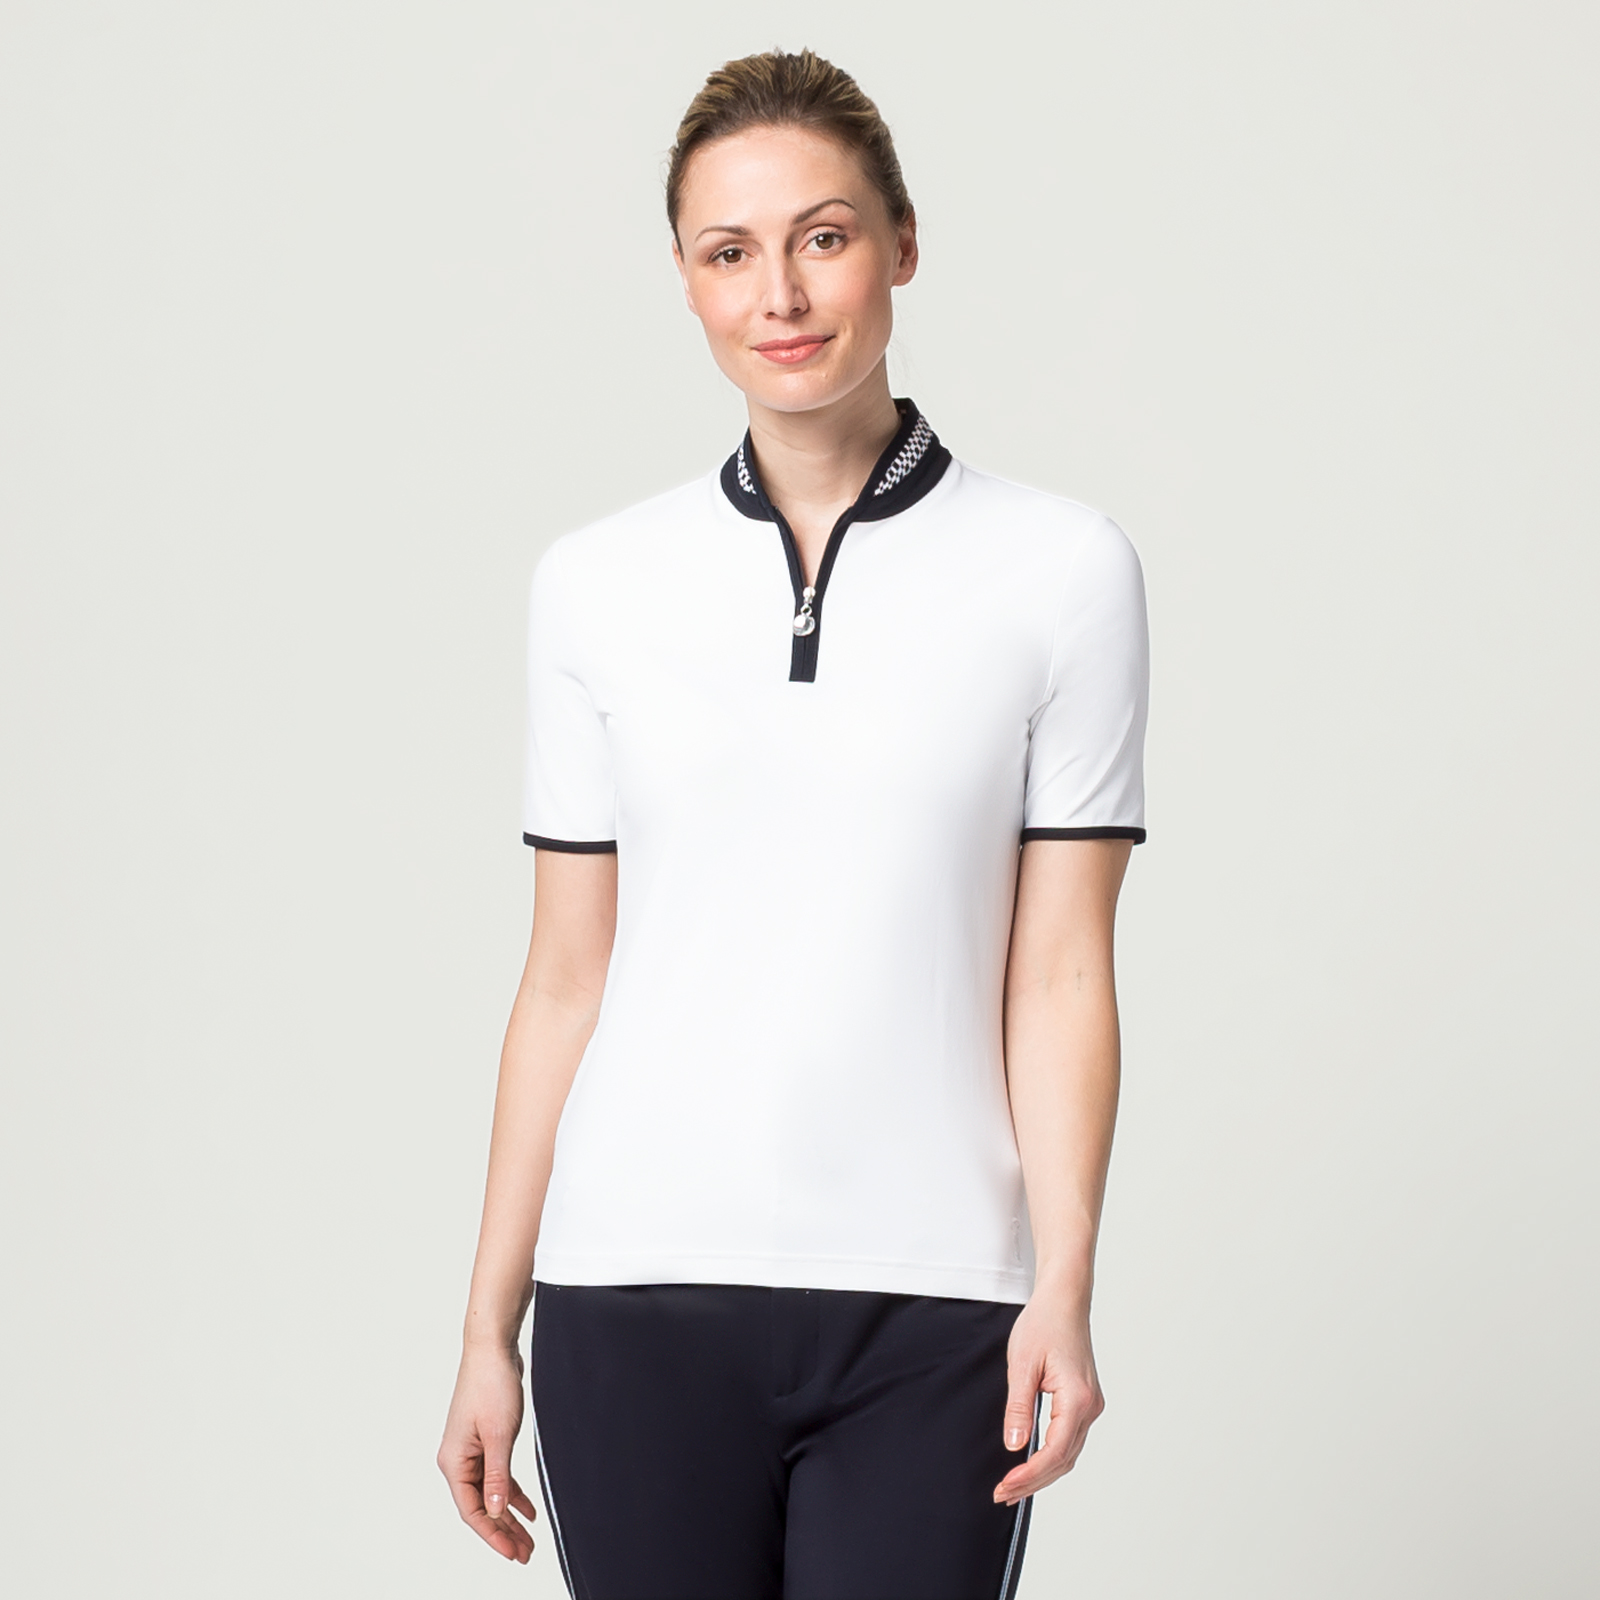 Damen Golfpolo feuchtigkeitsregulierend in Slim Fit mit Kurzarm